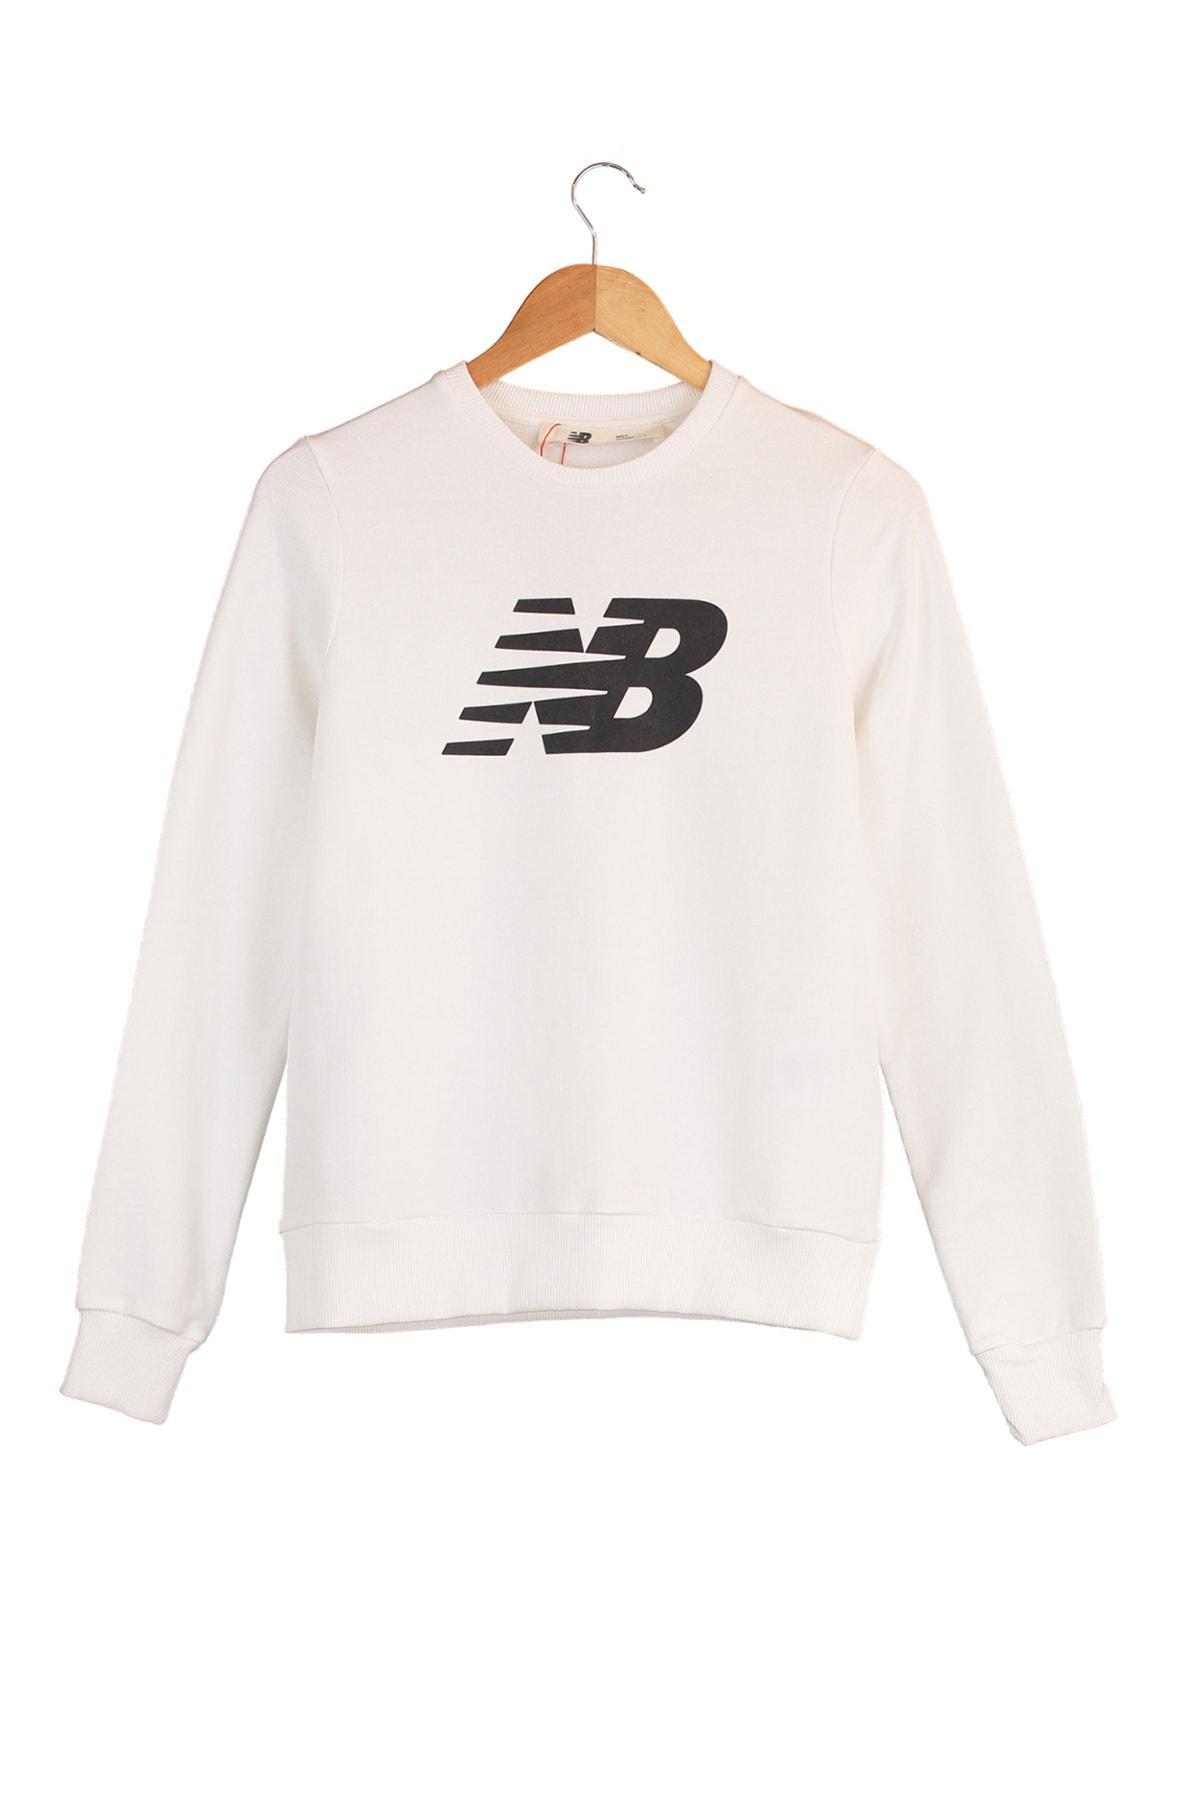 فروش پستی گرمکن ورزشی زنانه شیک جدید برند New Balance رنگ بژ کد ty59290002